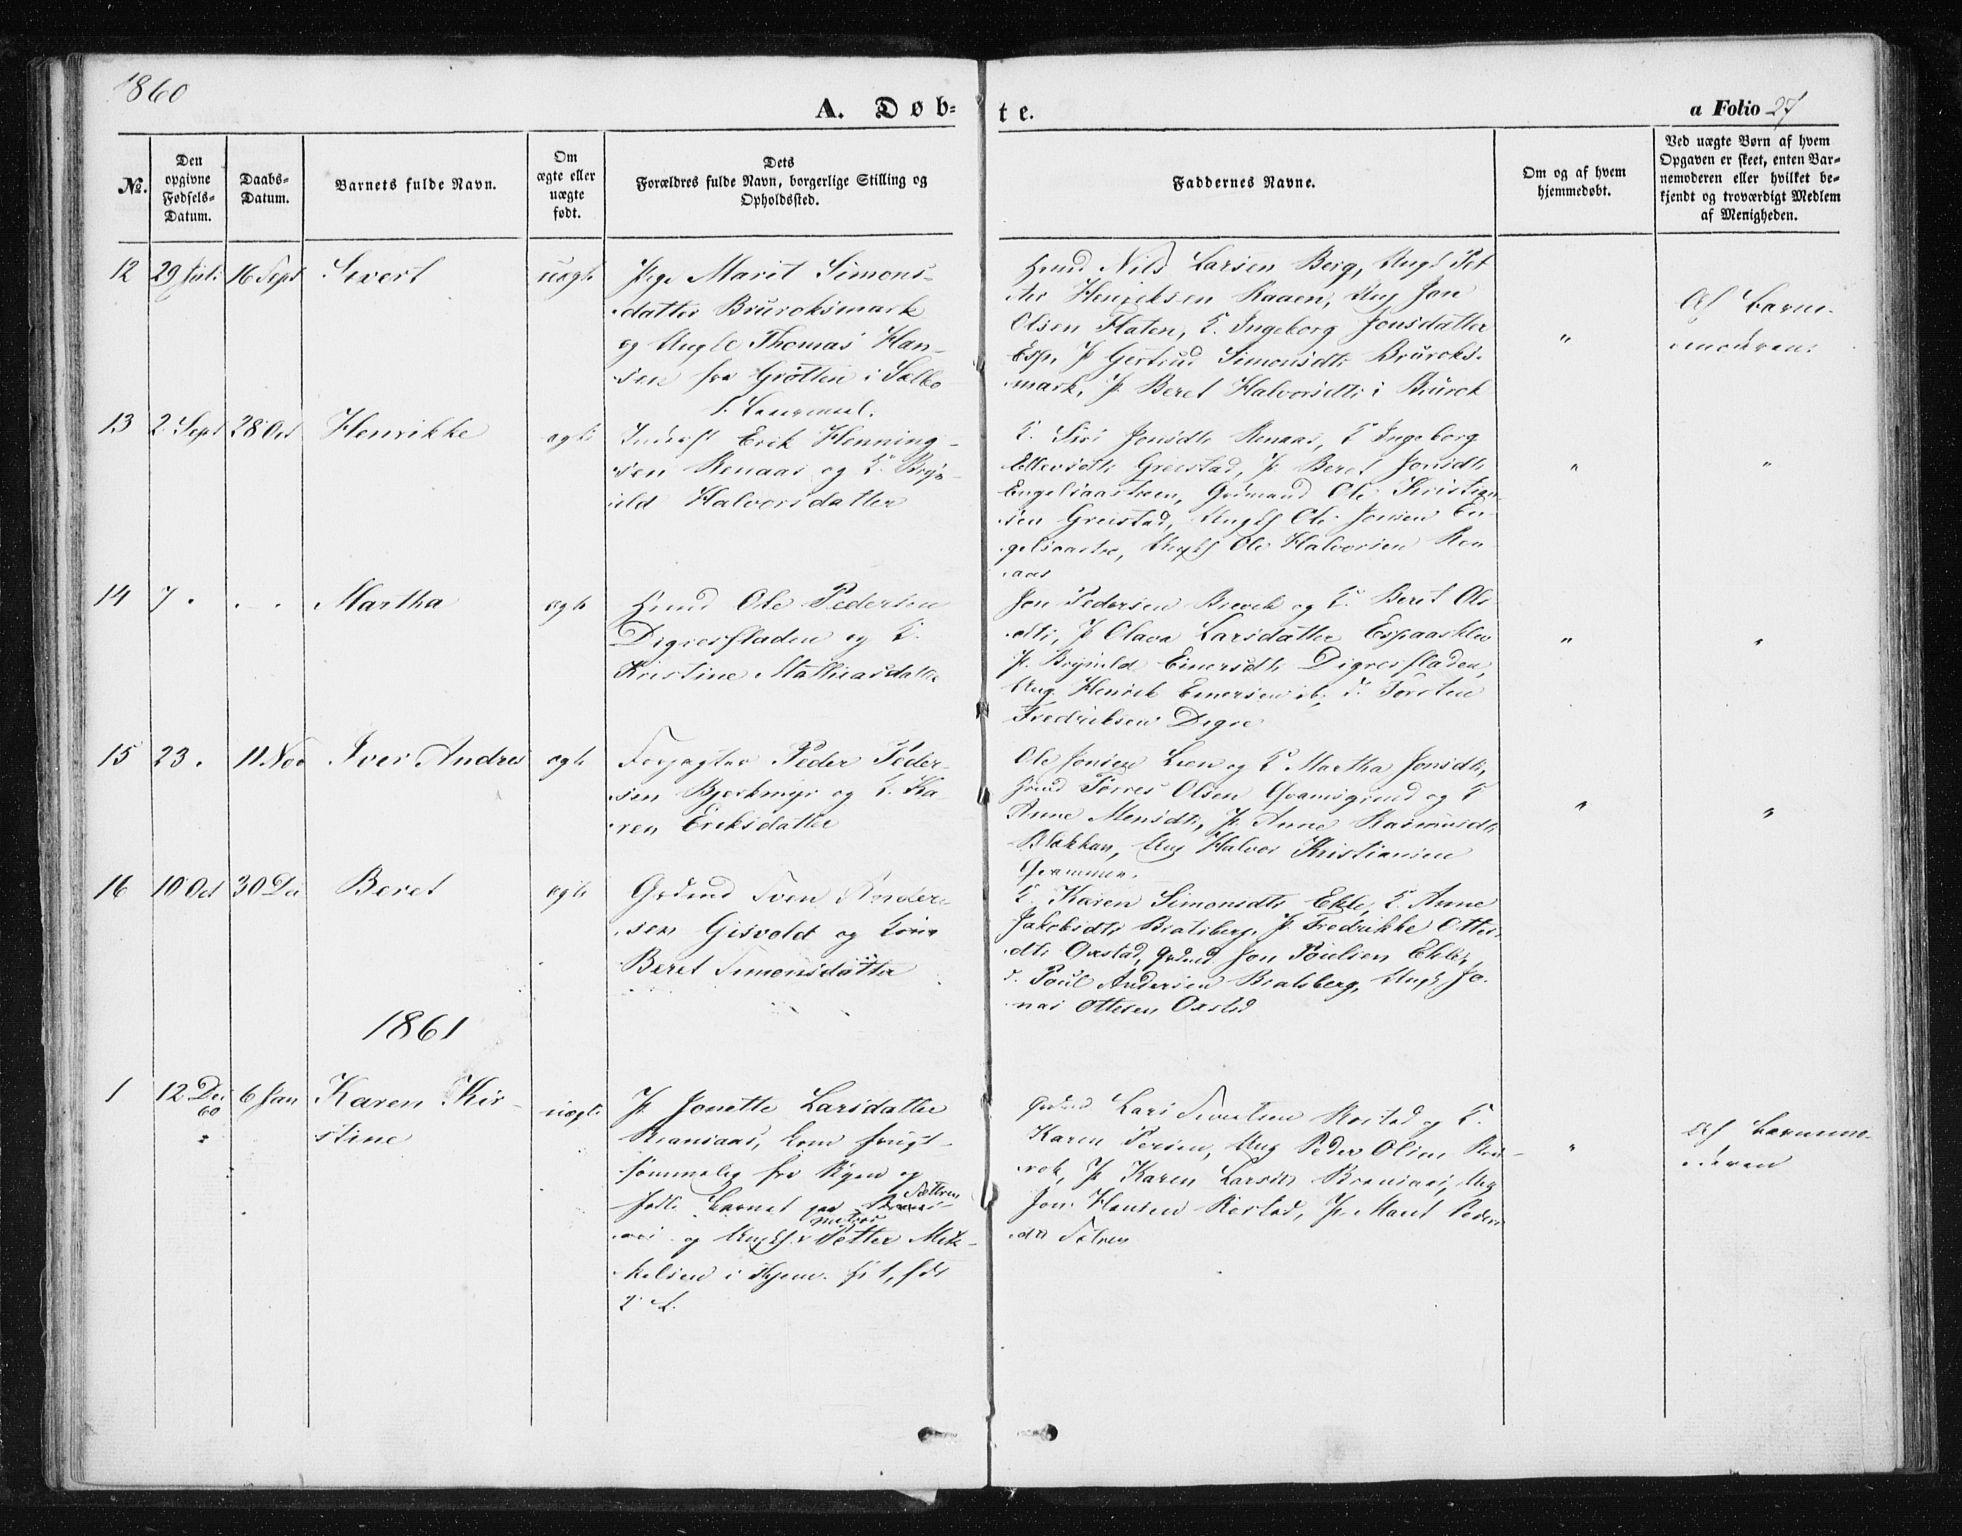 SAT, Ministerialprotokoller, klokkerbøker og fødselsregistre - Sør-Trøndelag, 608/L0332: Ministerialbok nr. 608A01, 1848-1861, s. 27